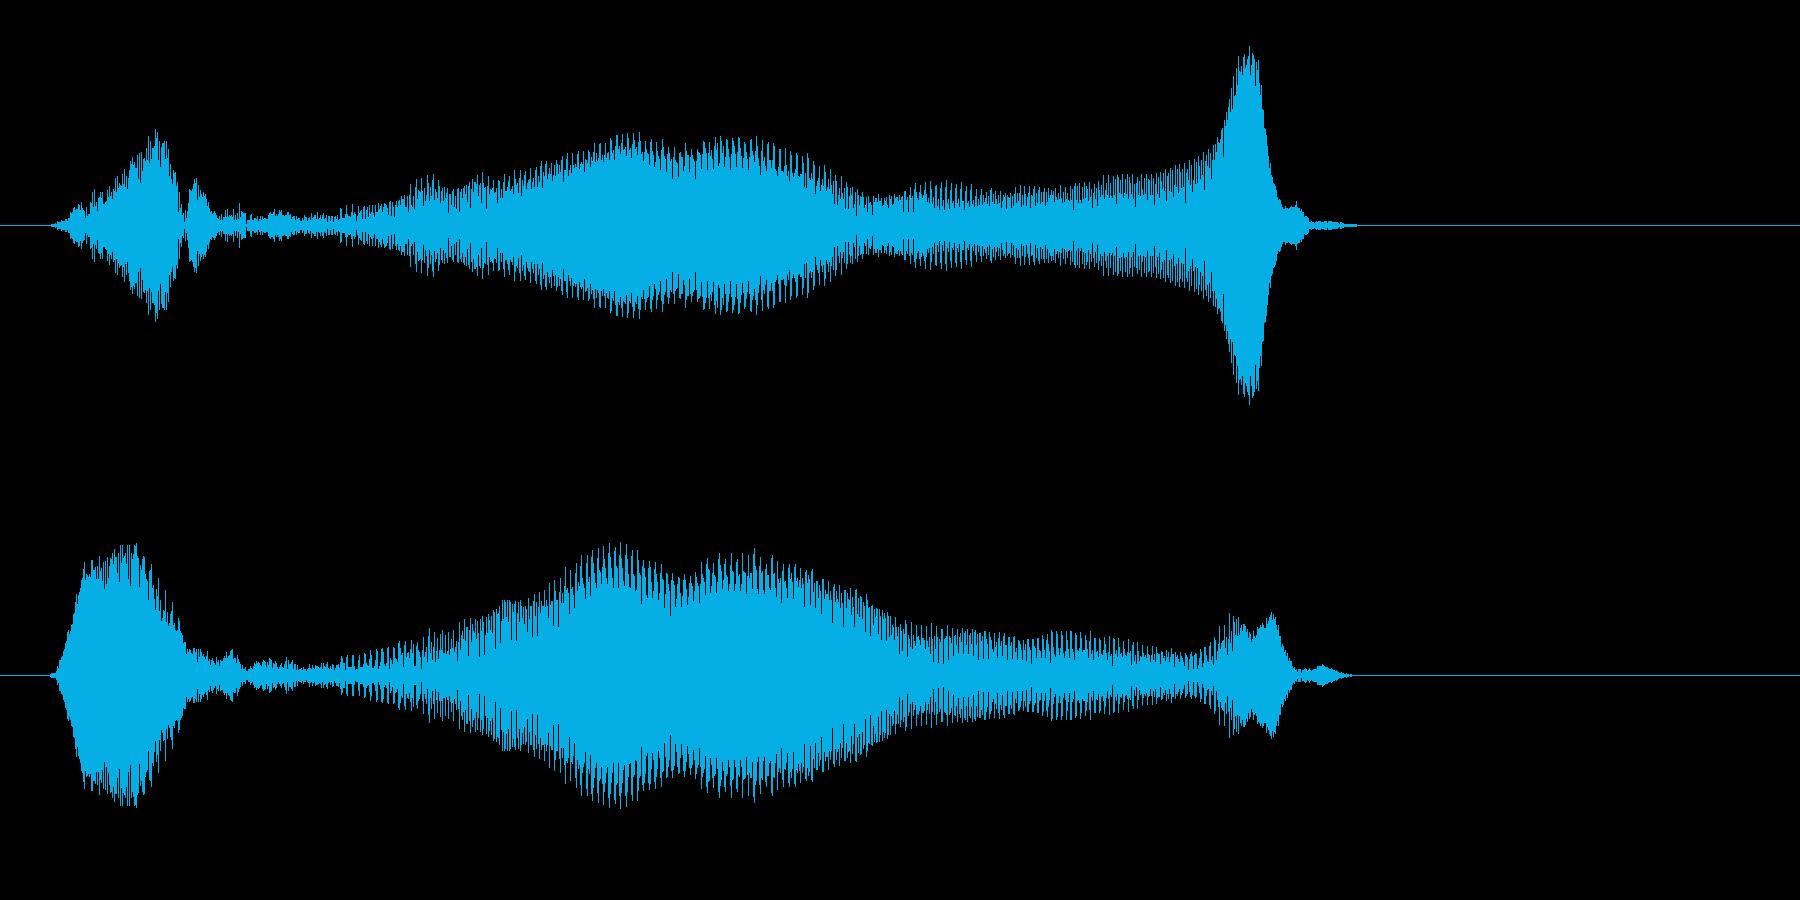 ミヤーッ(鳴き声系)の再生済みの波形